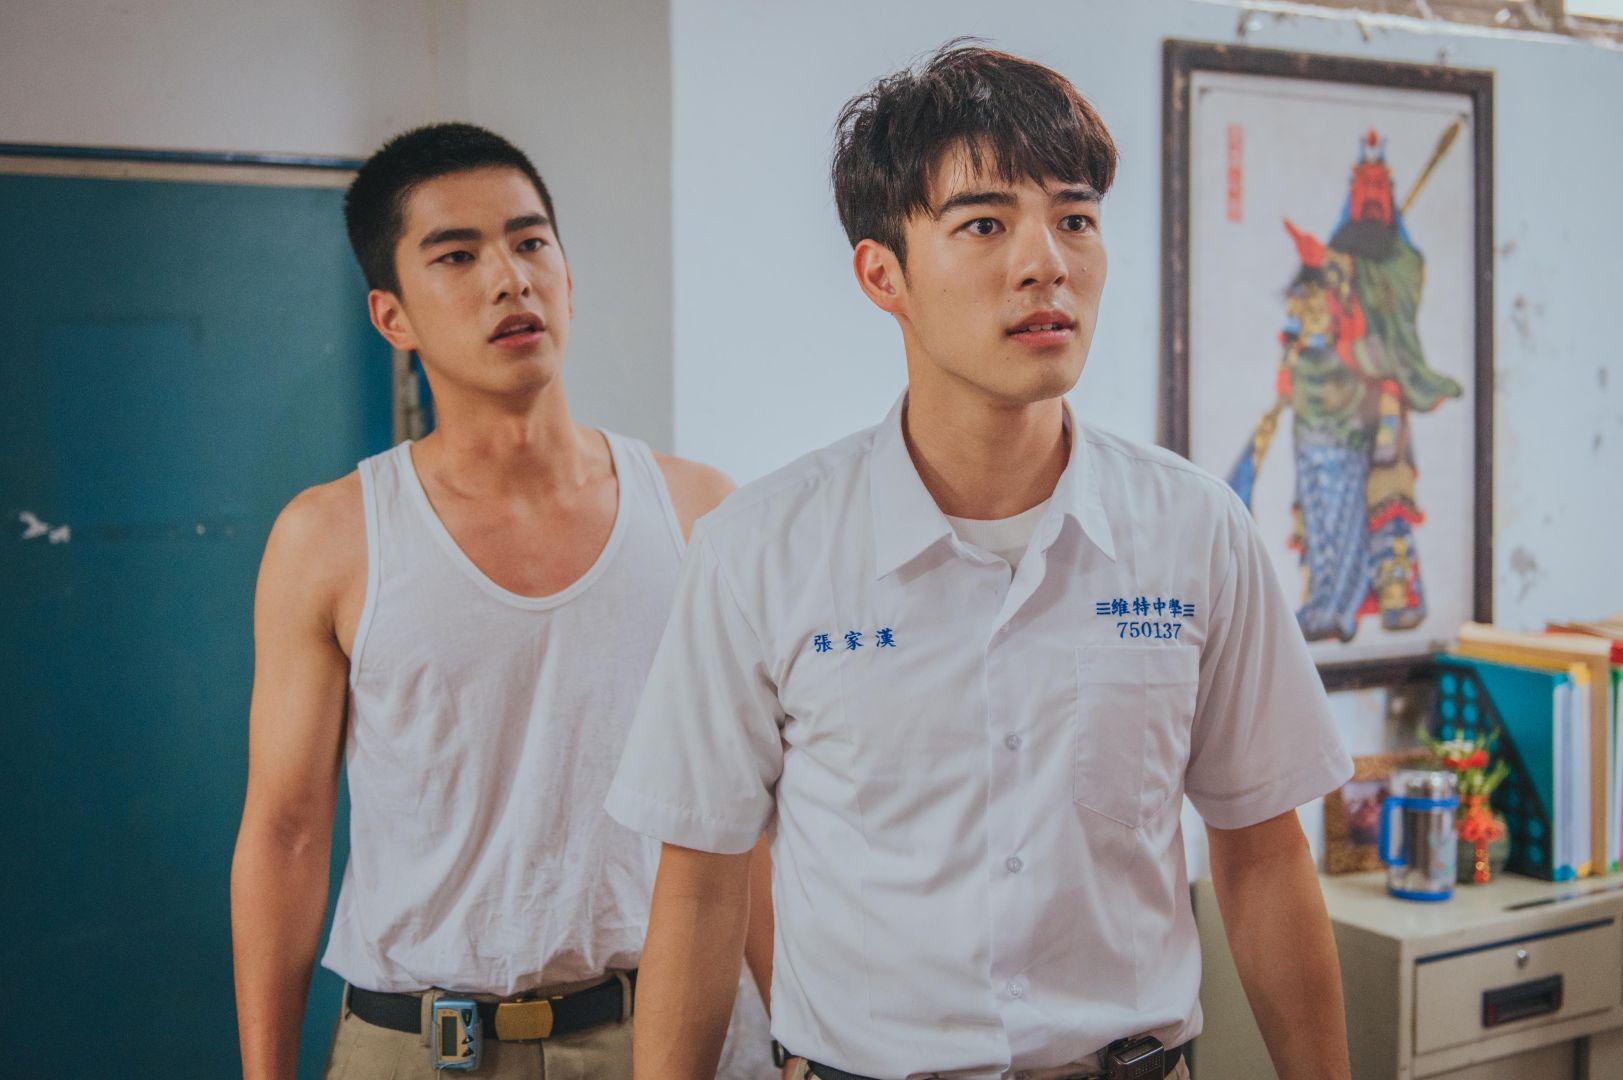 《刻在你心底的名字》新生代演員陳昊森(右)與曾敬驊(左)兩人在片中勇敢衝撞年代,有精彩對手戲_氧氣電影提供